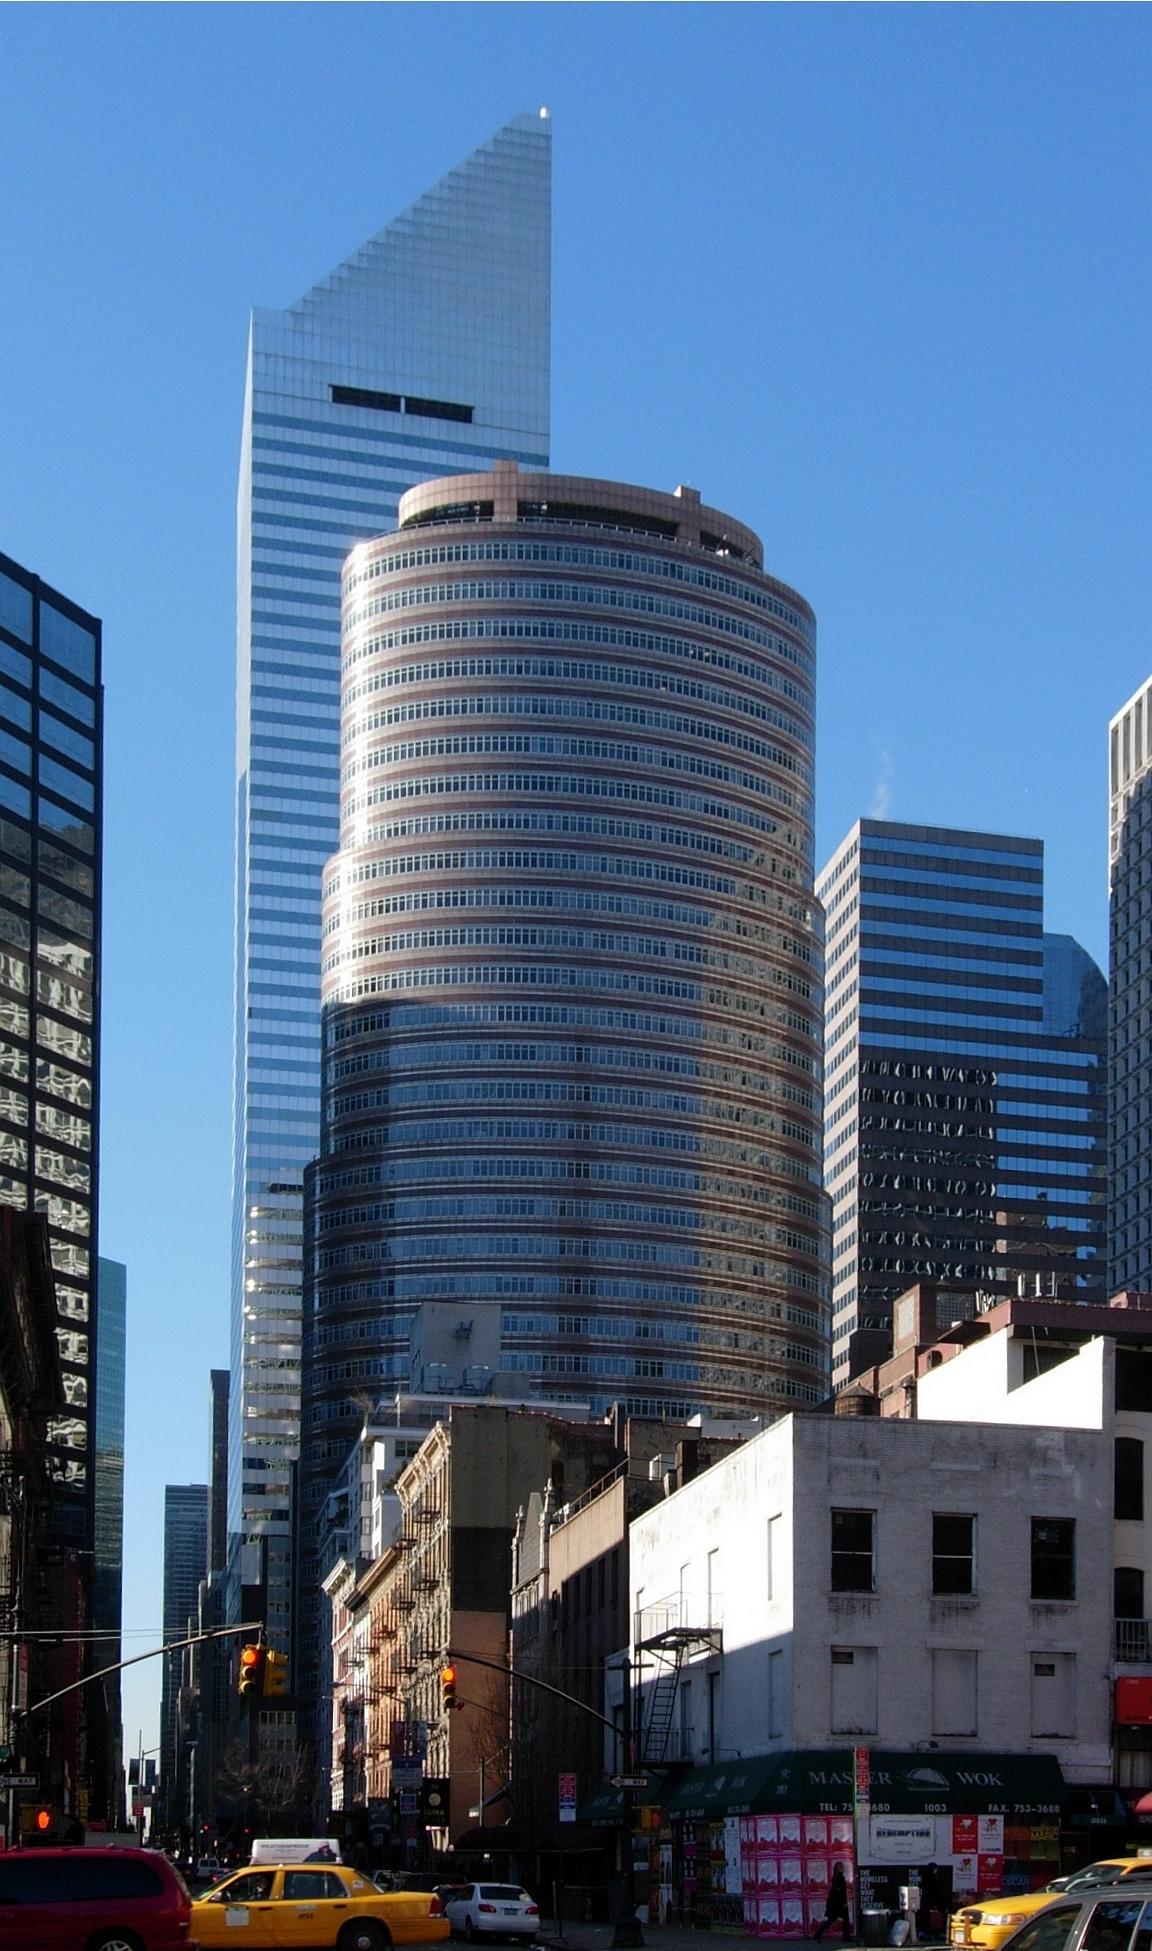 Das 1986 fertiggestellte Lipstick Building von Philip Johnson – im Hintergrund das Citigroup Center